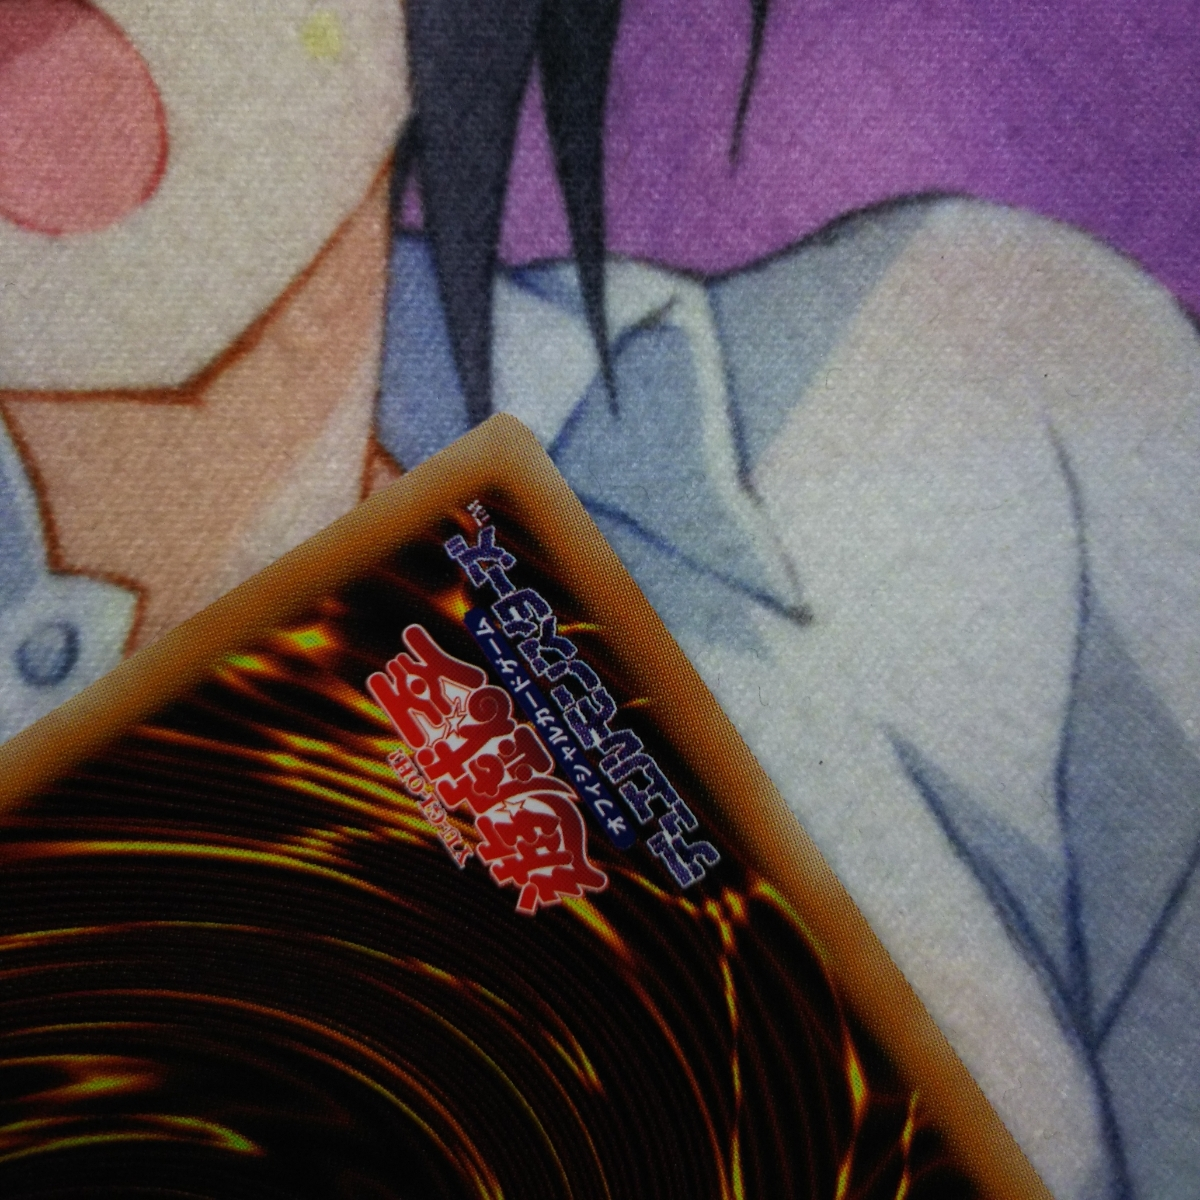 遊戯王 I:Pマスカレーナ/20thシークレット_画像4